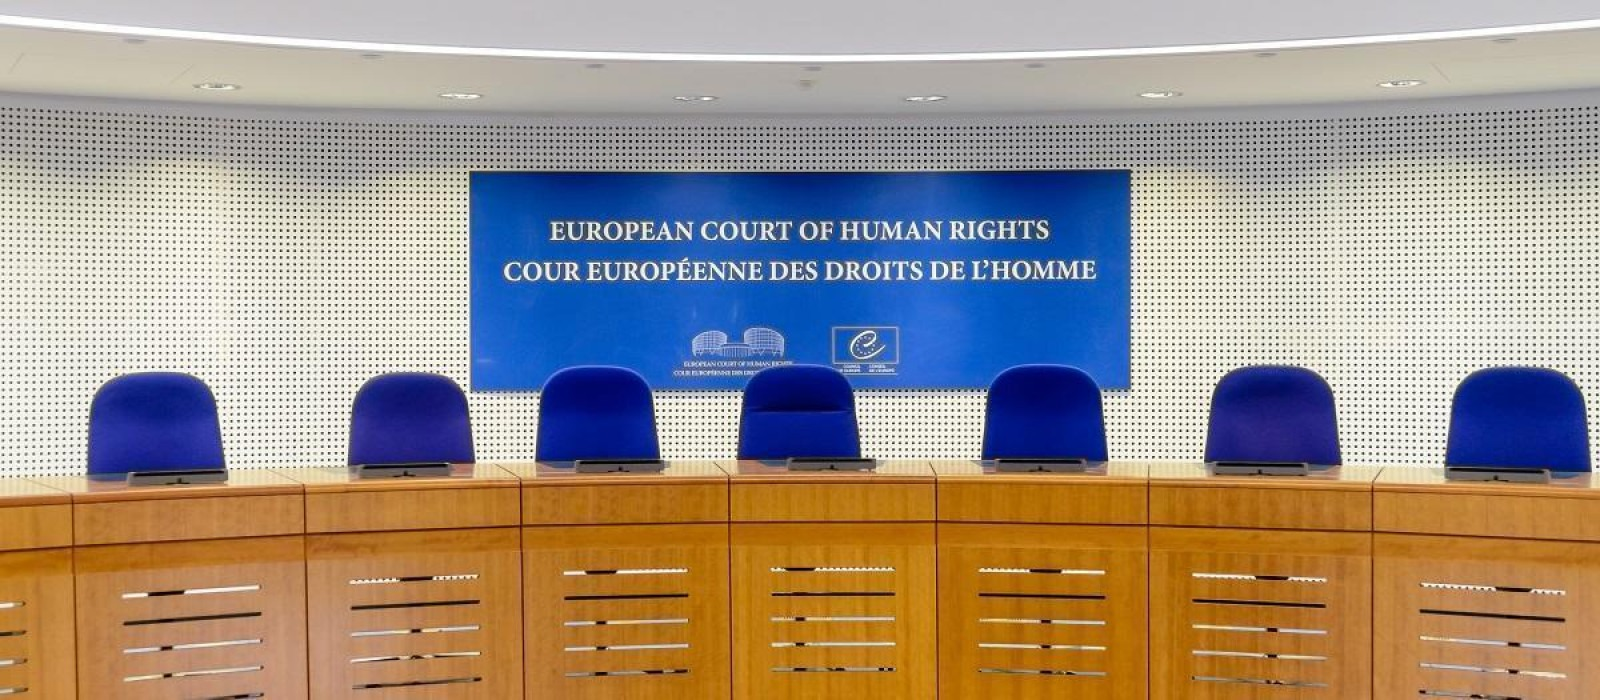 Ευρωπαϊκό Δικαστήριο: Απόφαση- σταθμός για τα δικαιώματα των παραπληγικών κρατουμένων